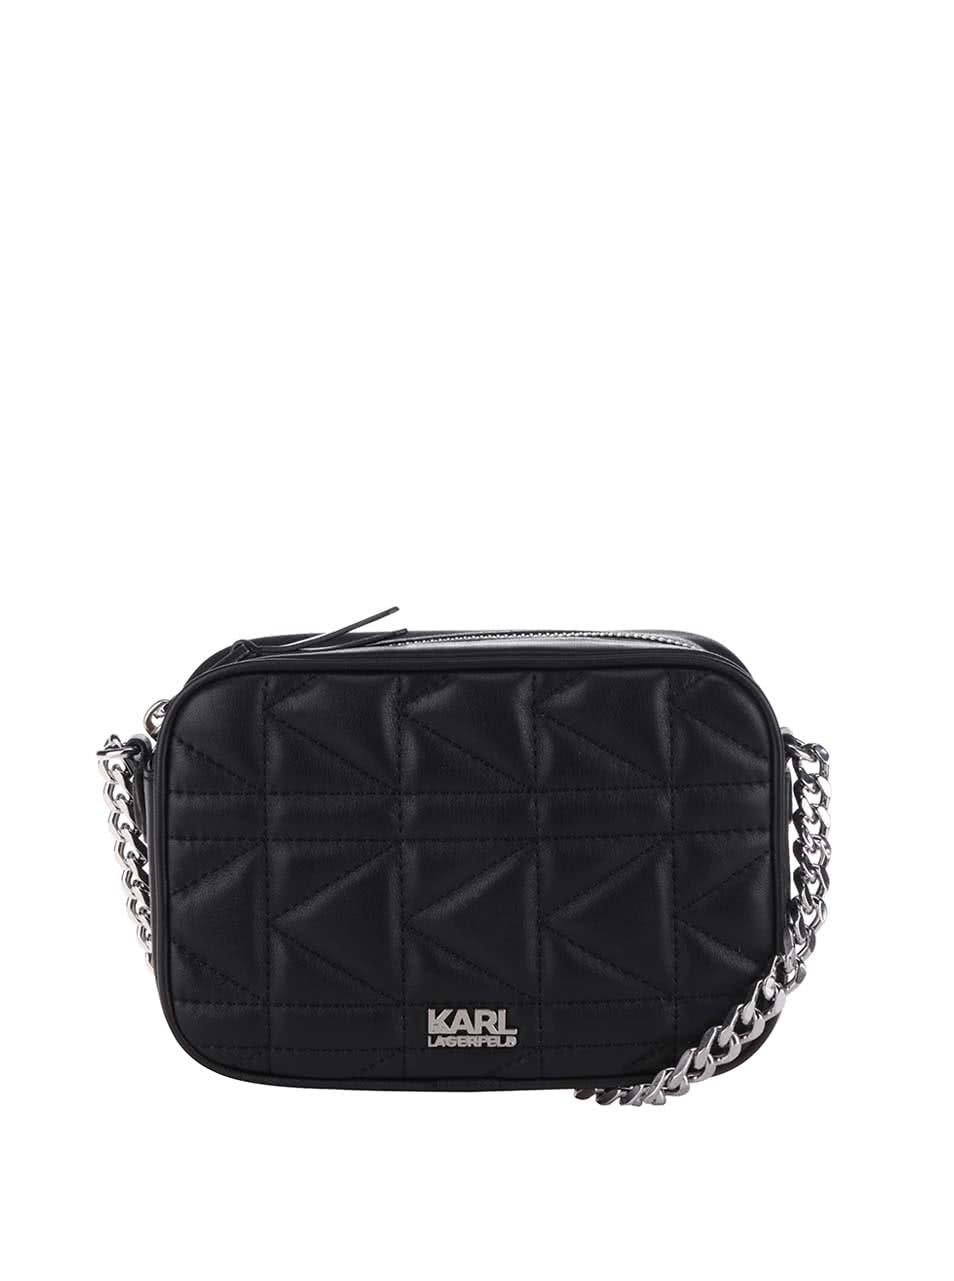 Čierna kožená prešívaná crossbody kabelka s detailmi v striebornej farbe  KARL LAGERFELD ... e0036fbc3d5